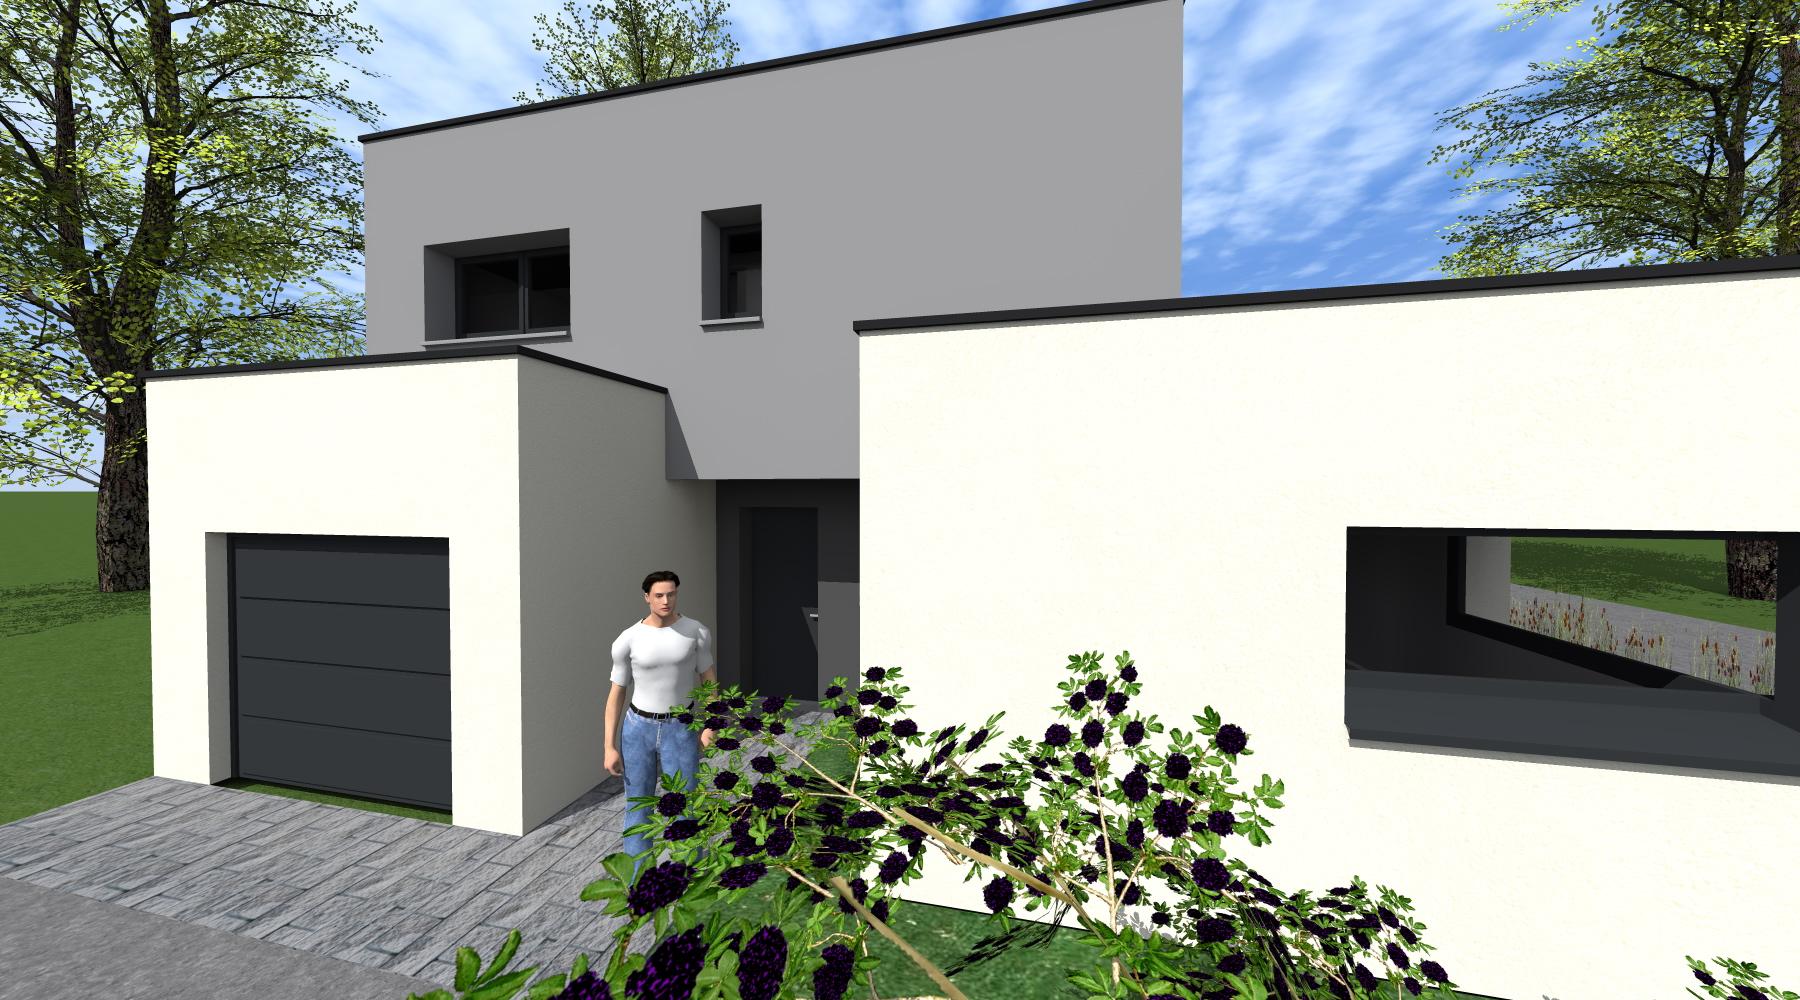 projet lg m 1 2 vue architecte lise roturier. Black Bedroom Furniture Sets. Home Design Ideas